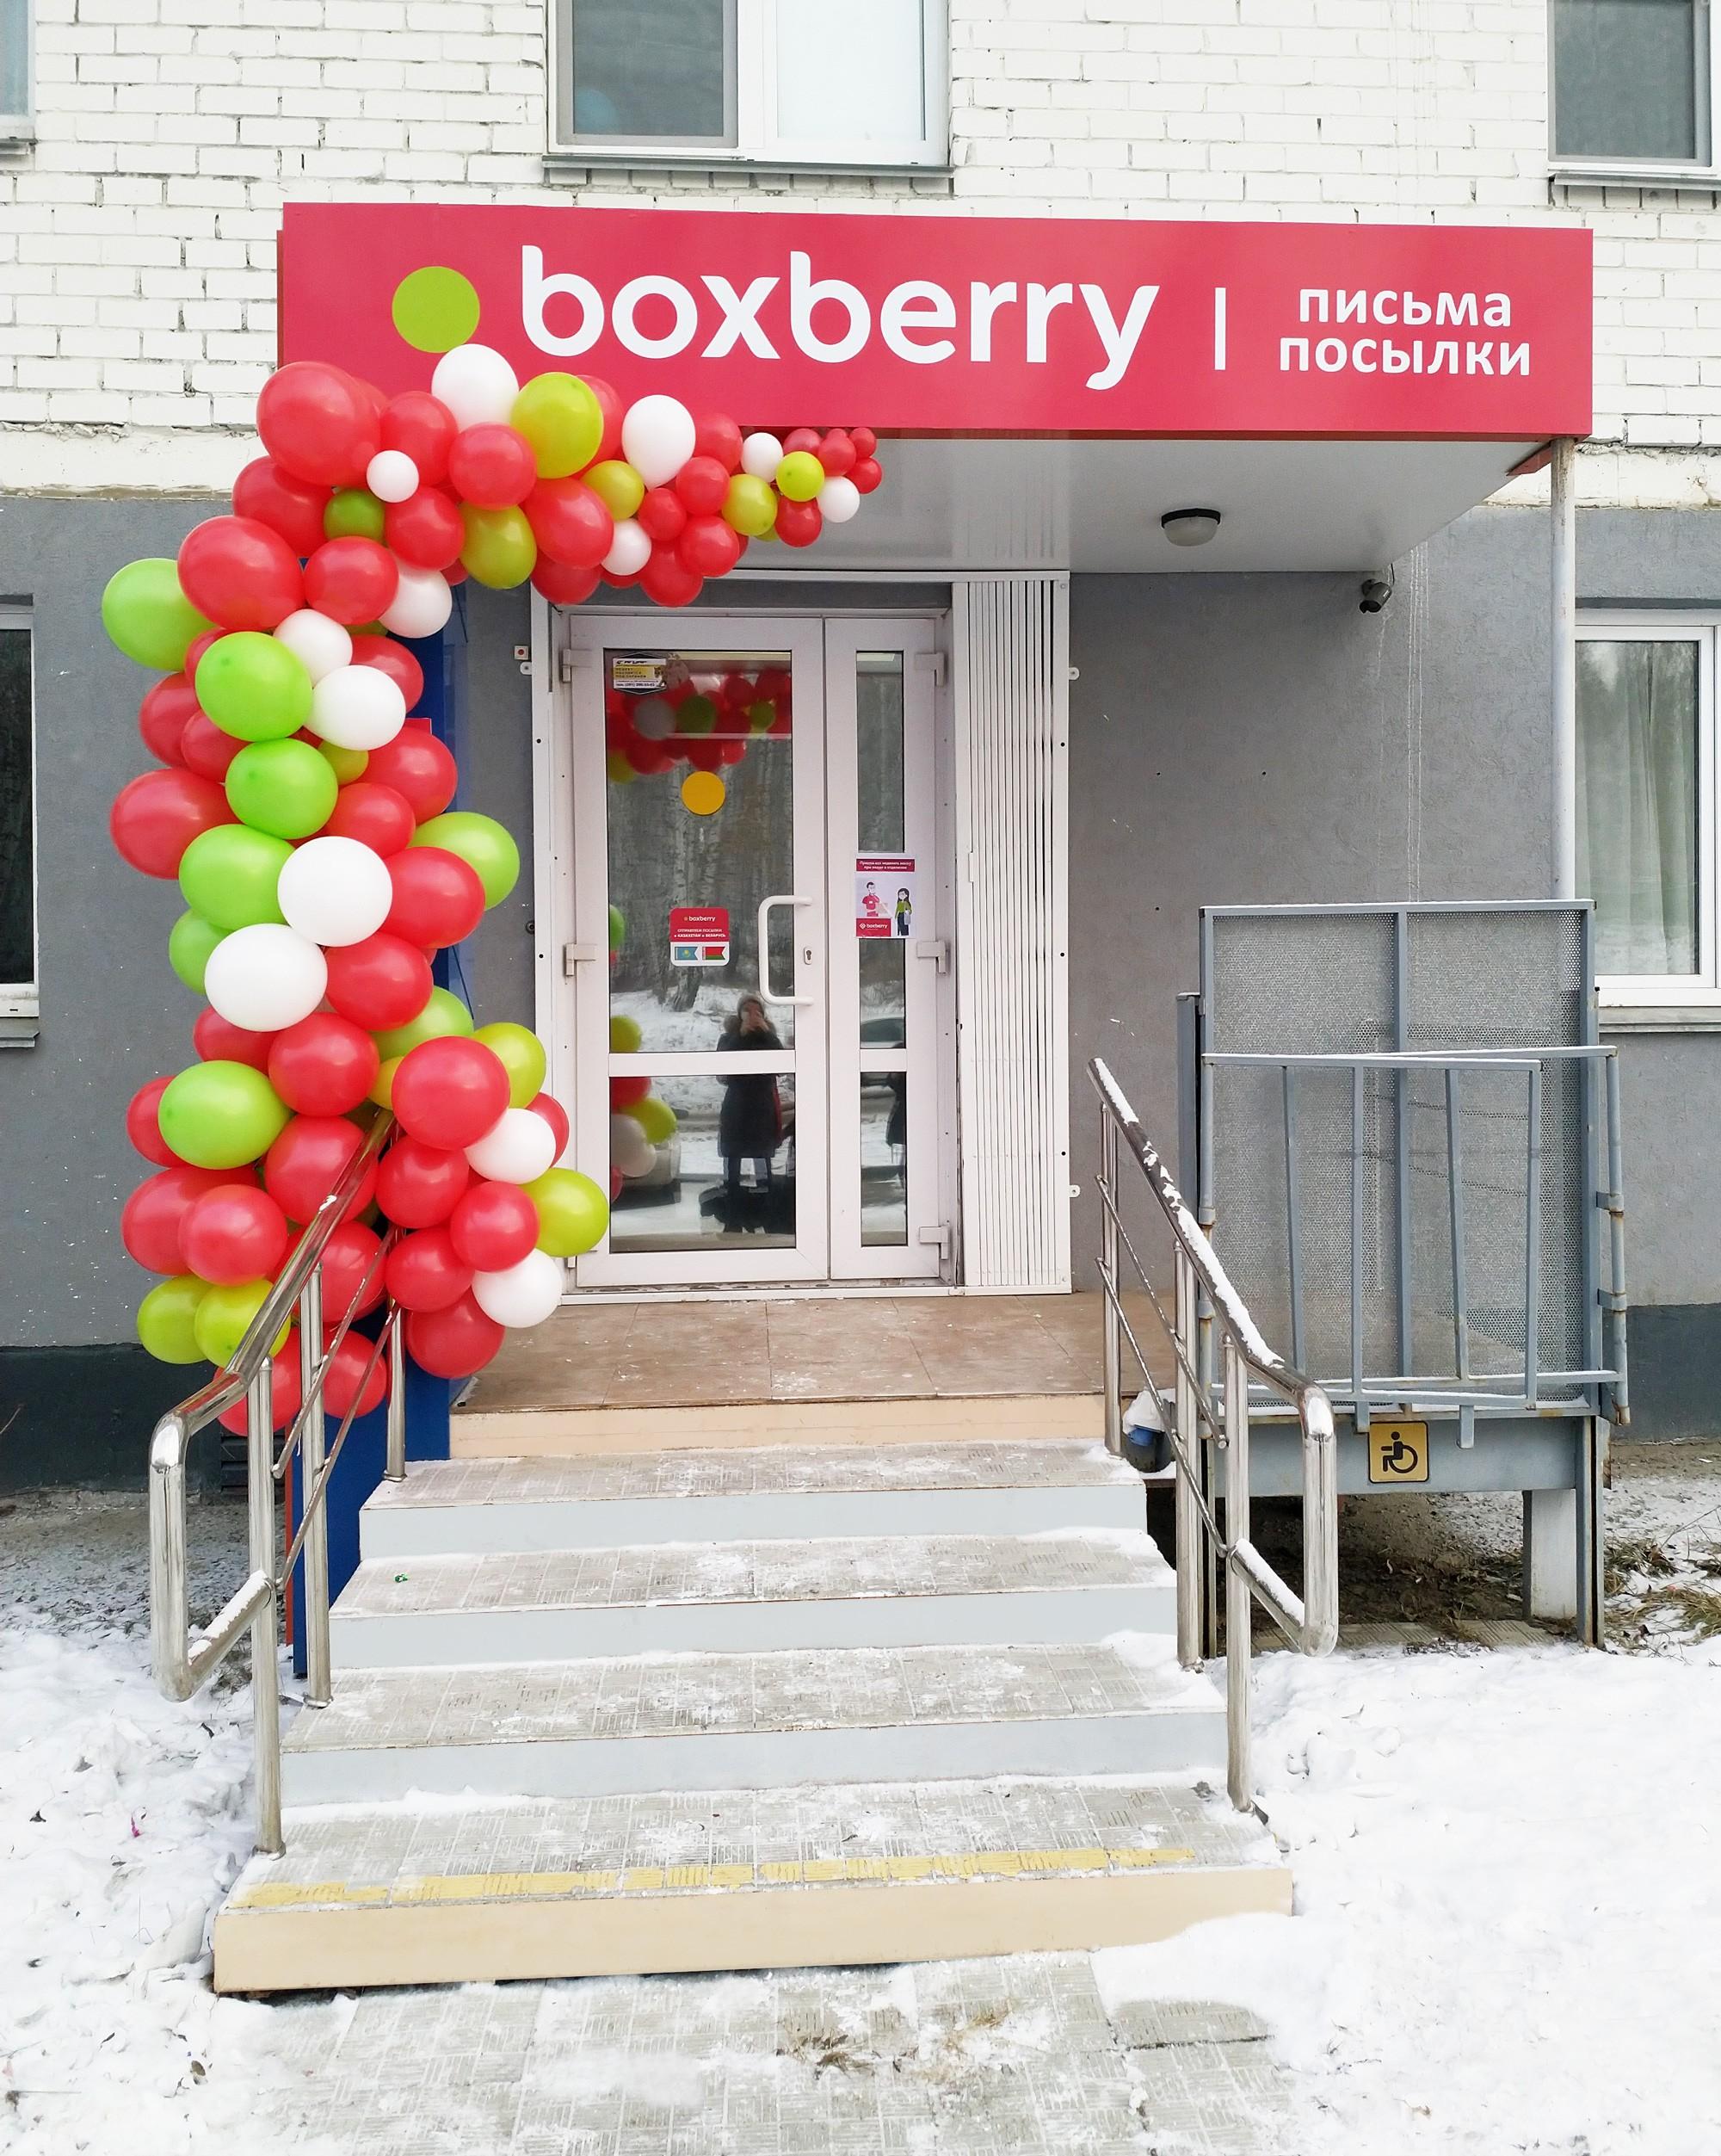 Boxberry_1